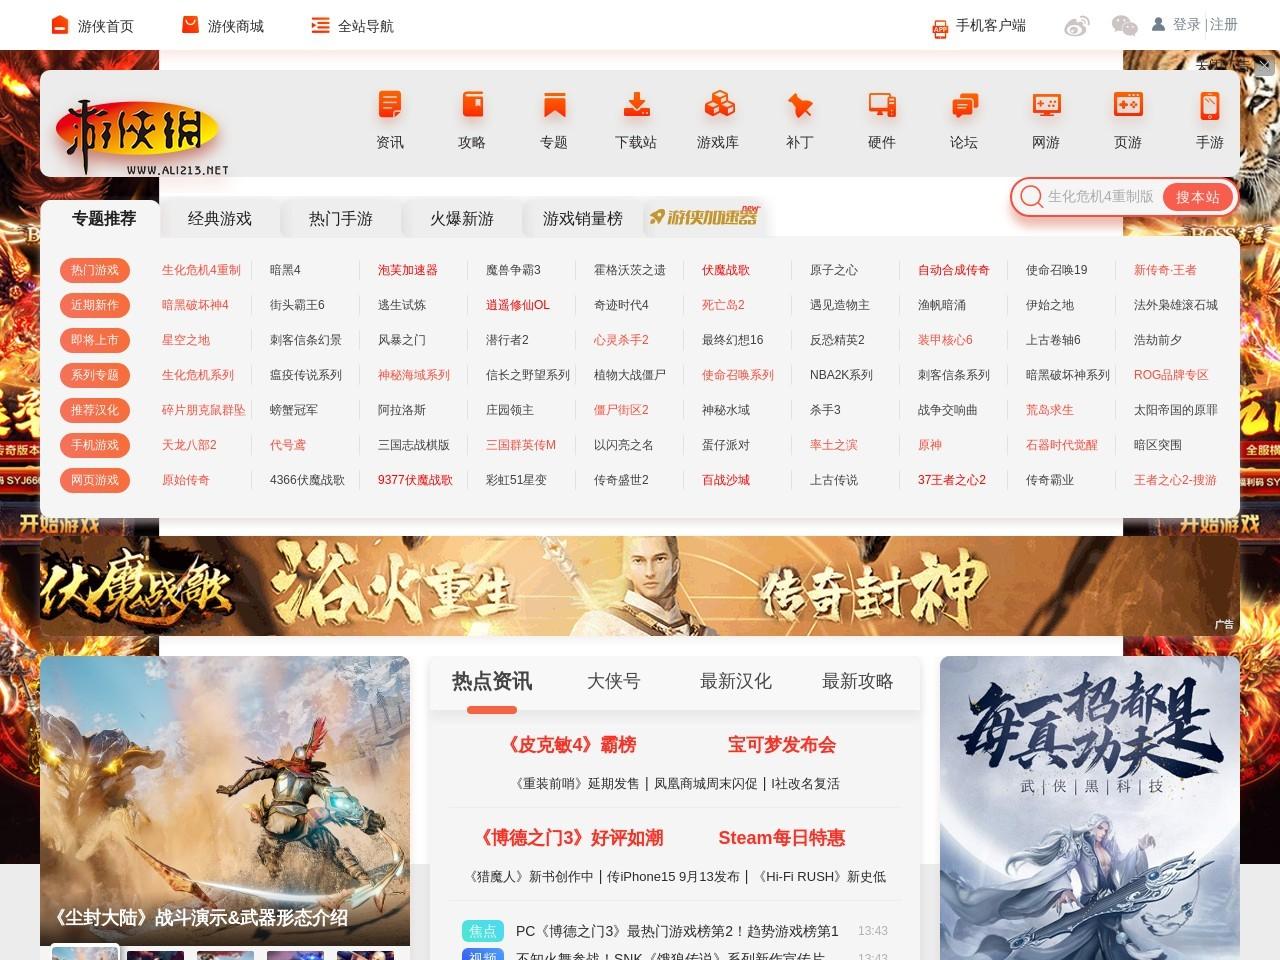 《魔兽世界》音乐节成都首演4月15日售票开启 经典再现_游侠网 Ali213.net